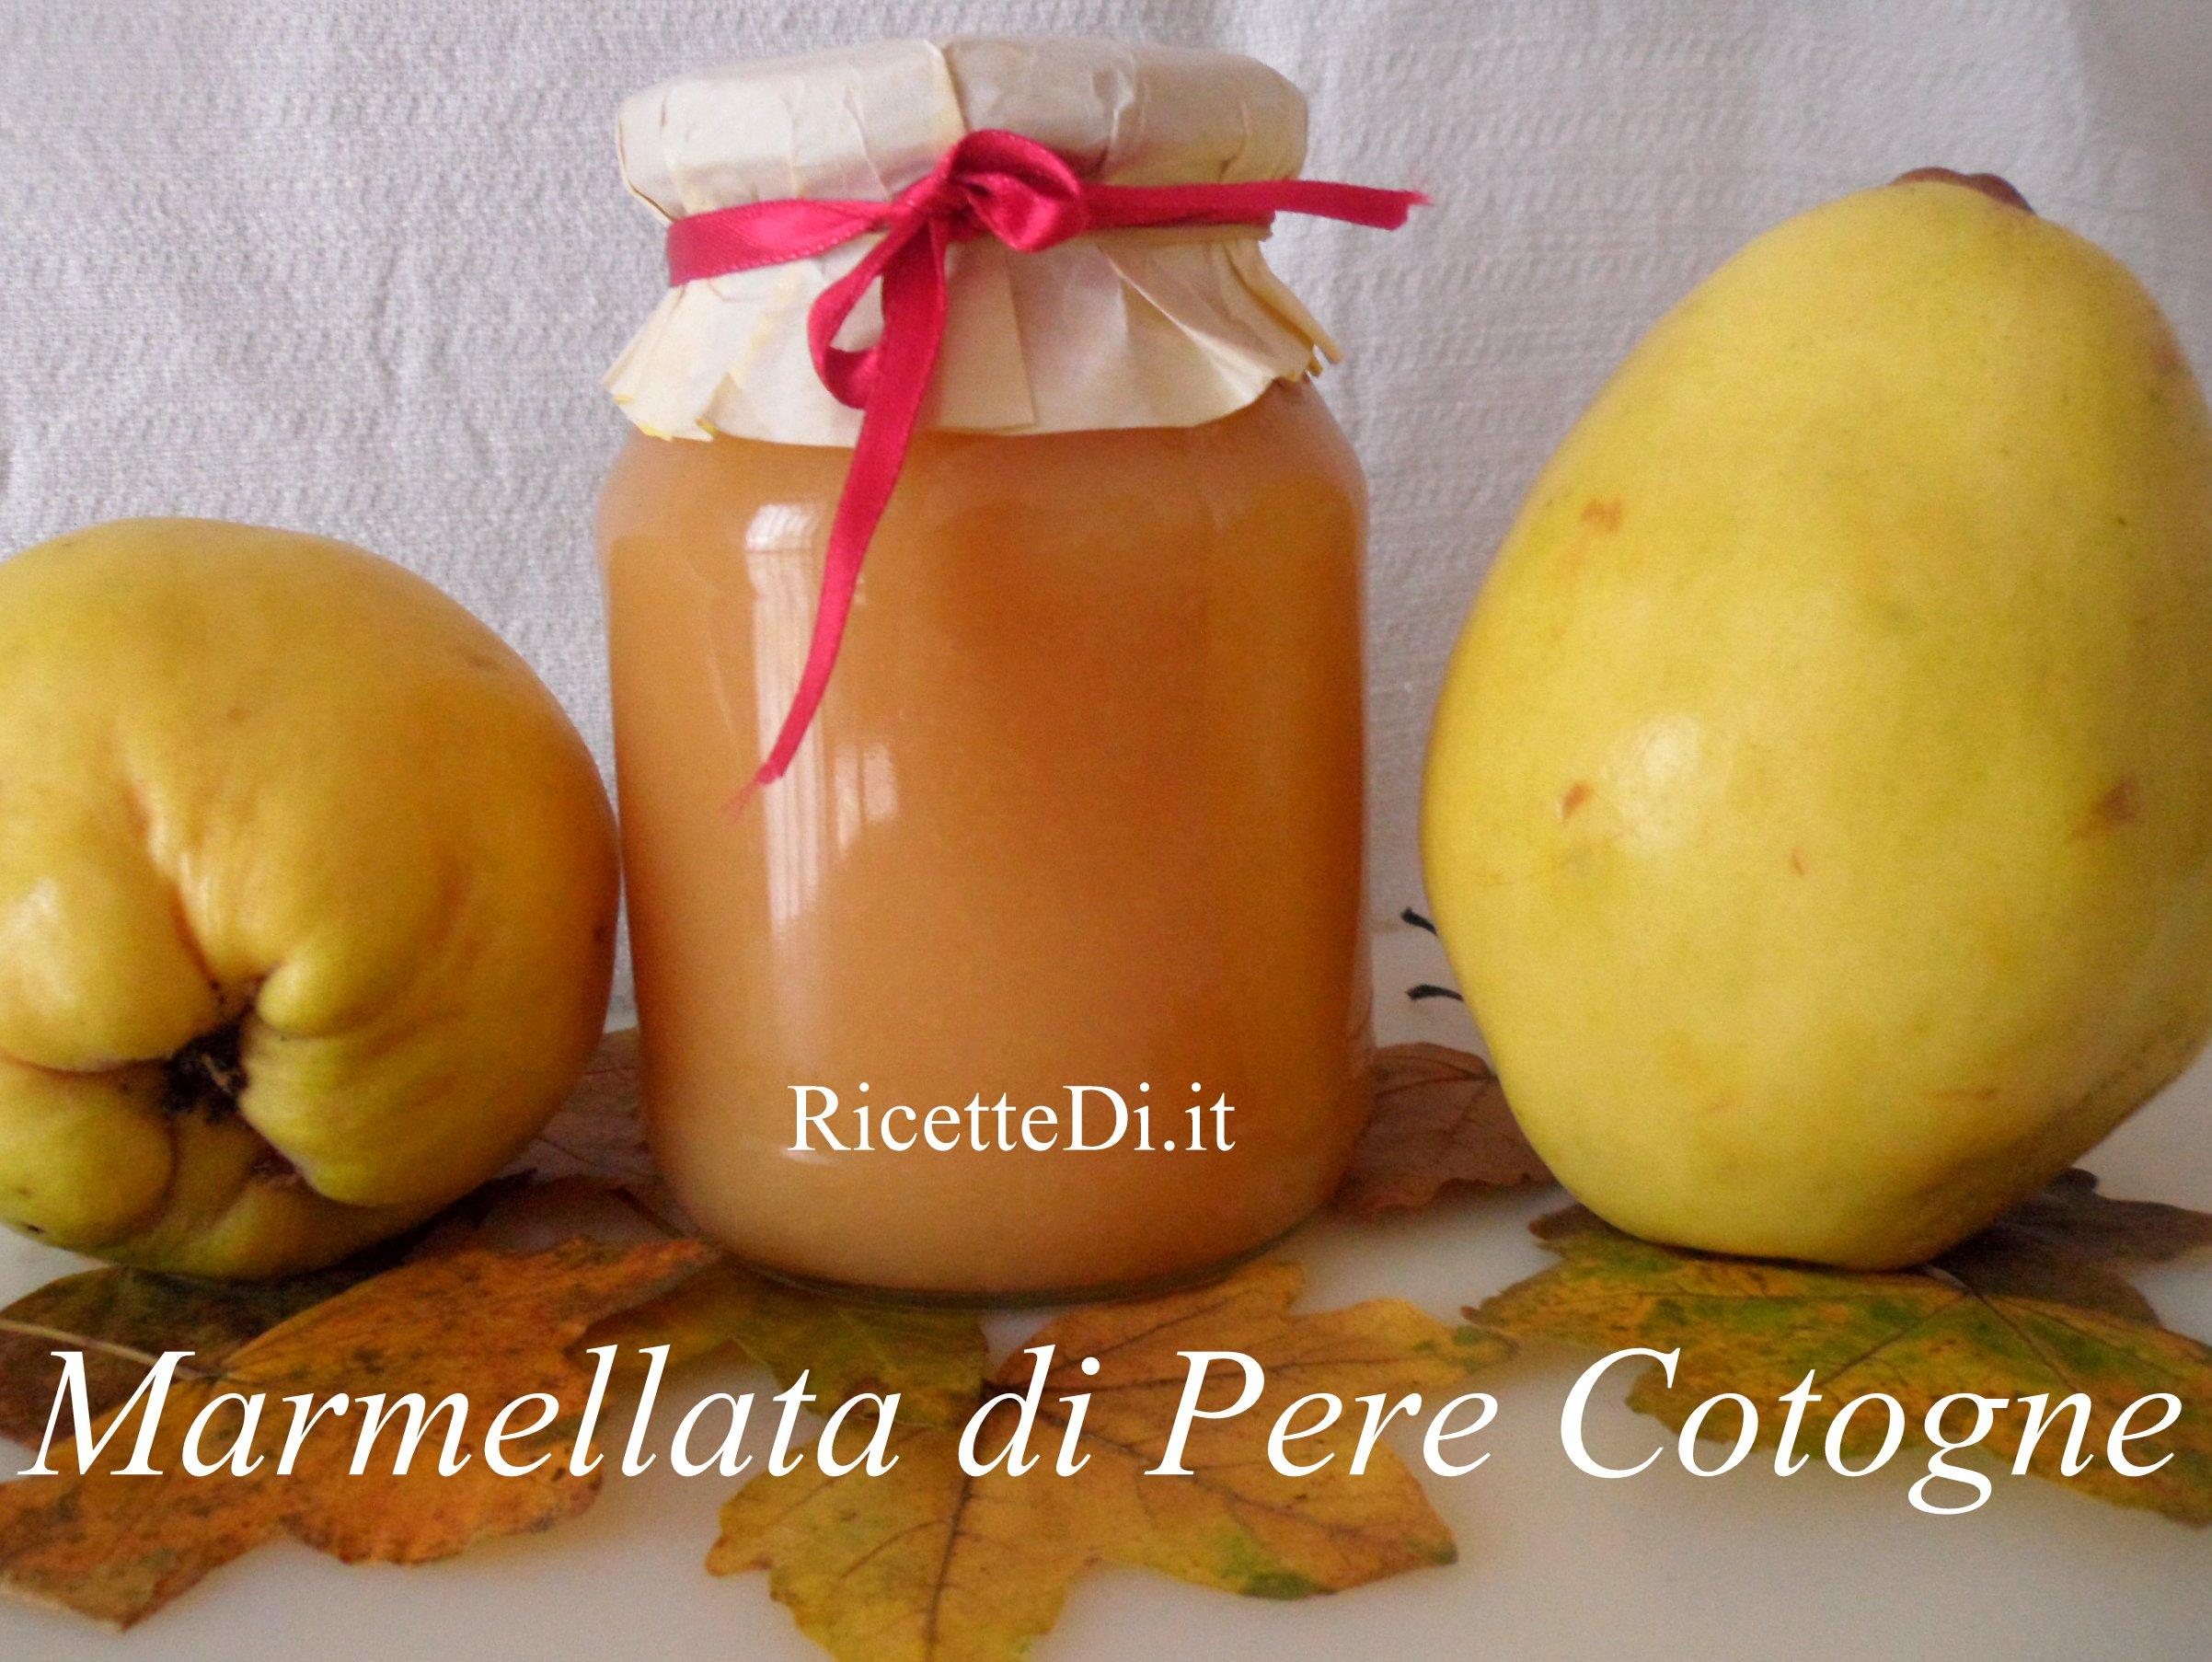 Far Bollire Vasetti Marmellata marmellata di pere cotogne - ricettedi.it